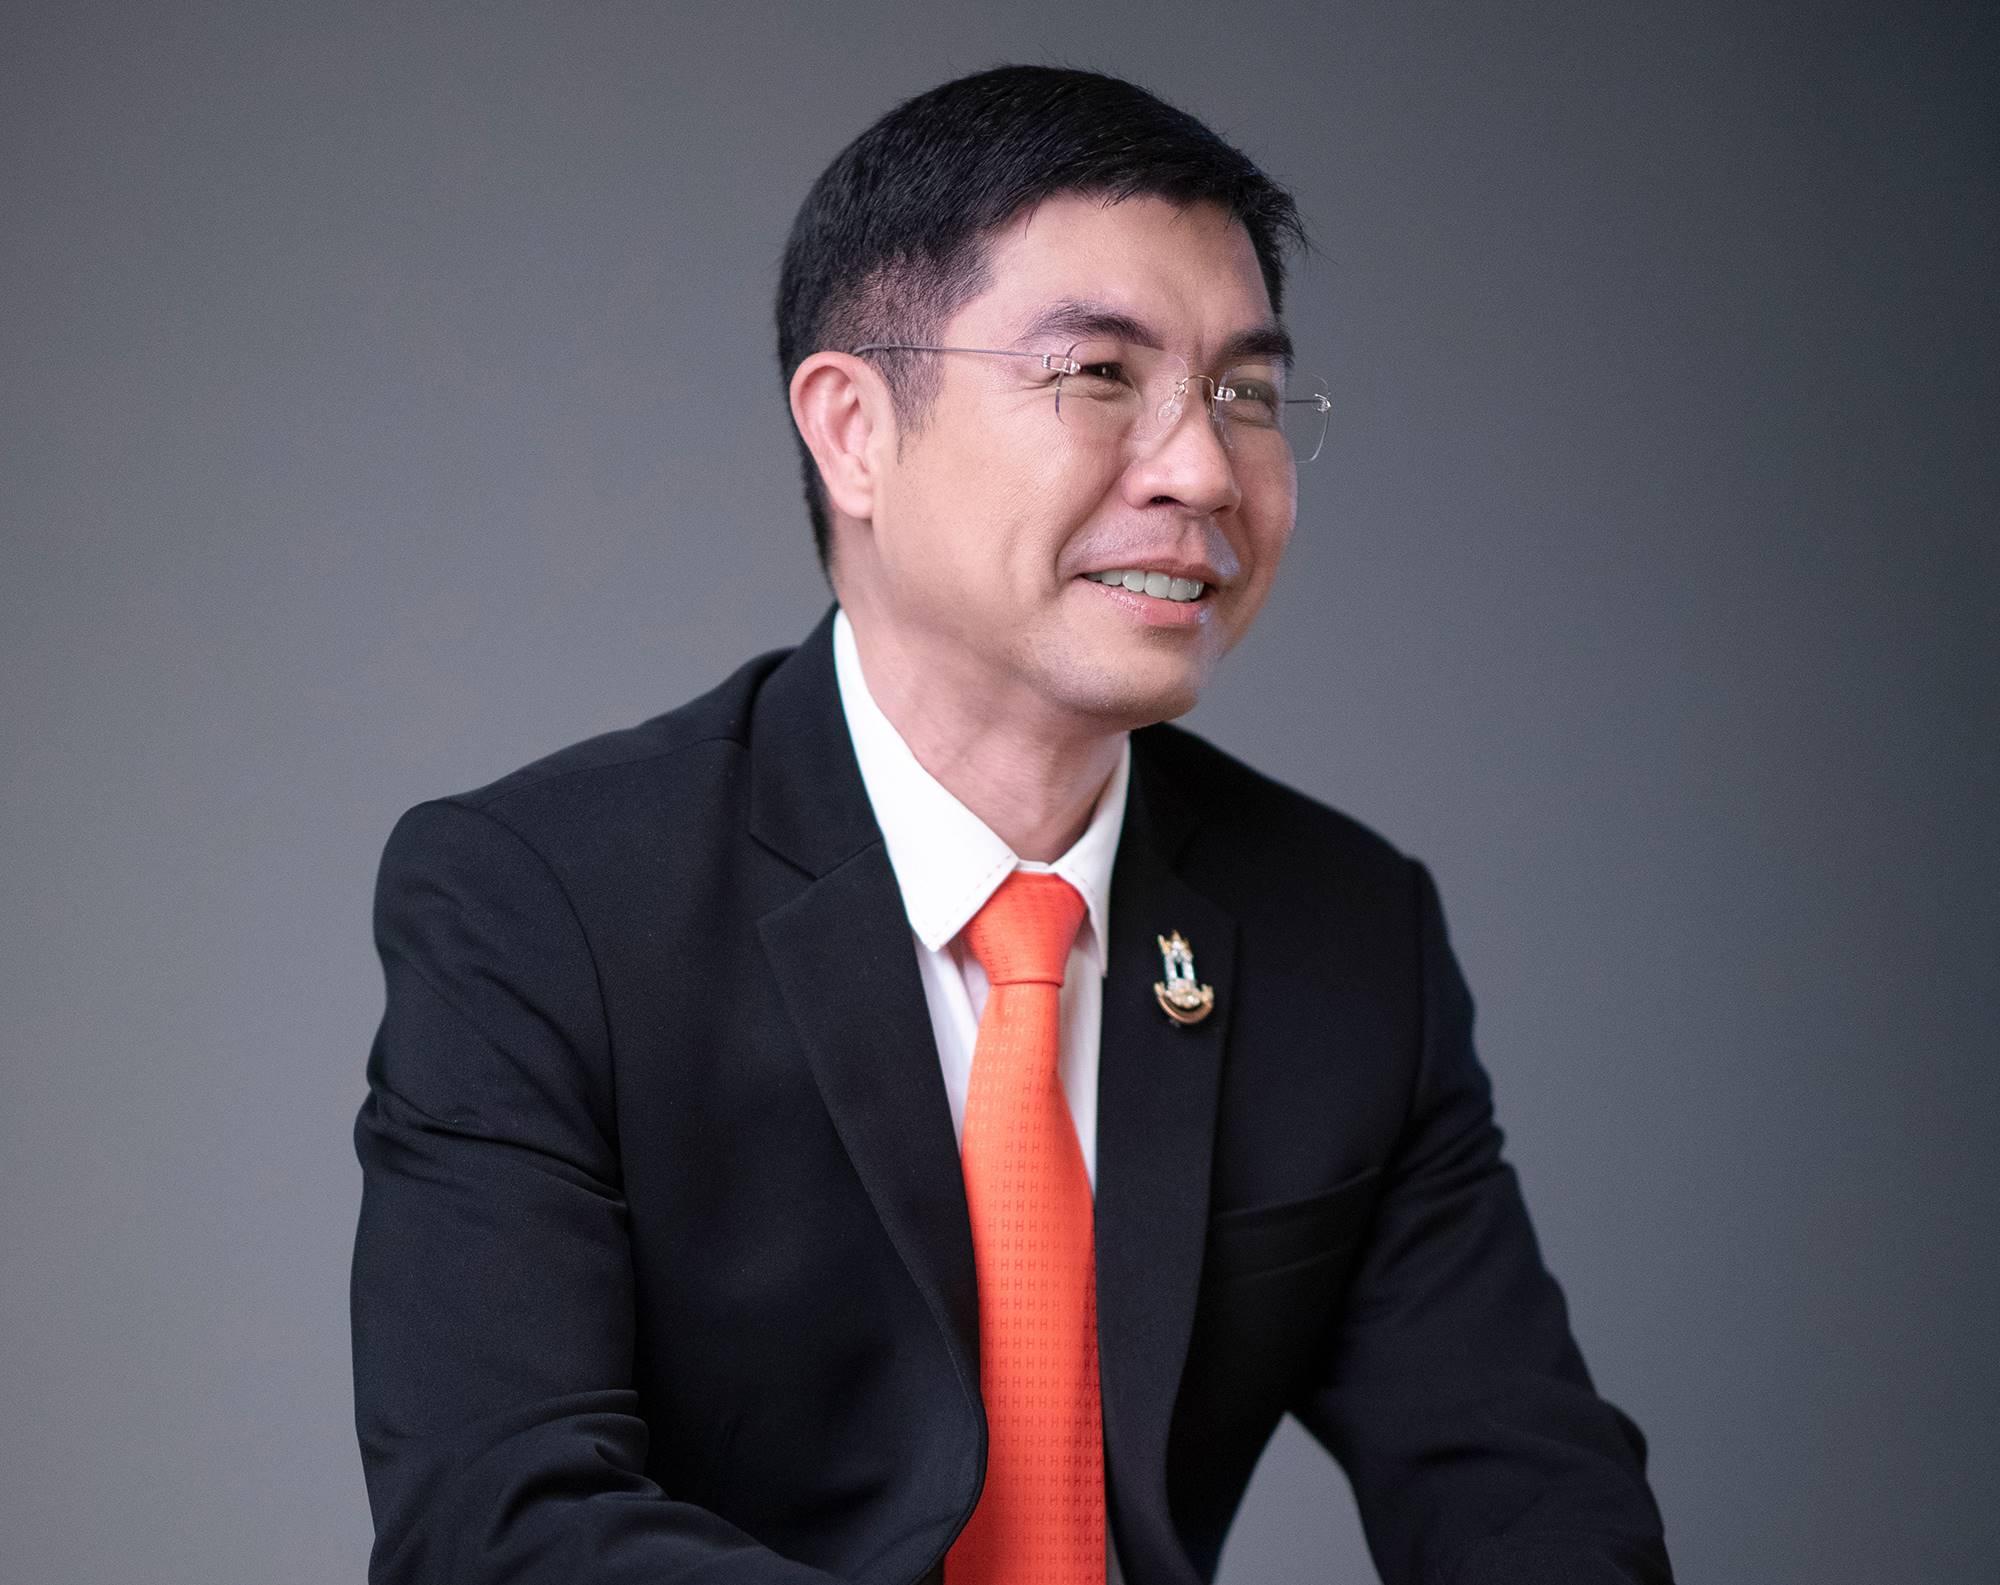 ธอสงัดสินเชื่อบ้านเร้าใจงาน Thailand Smart Money กรุงเทพฯ ครั้งที่ 10 | Prop2Morrow บ้าน คอนโด ข่าวอสังหาฯ